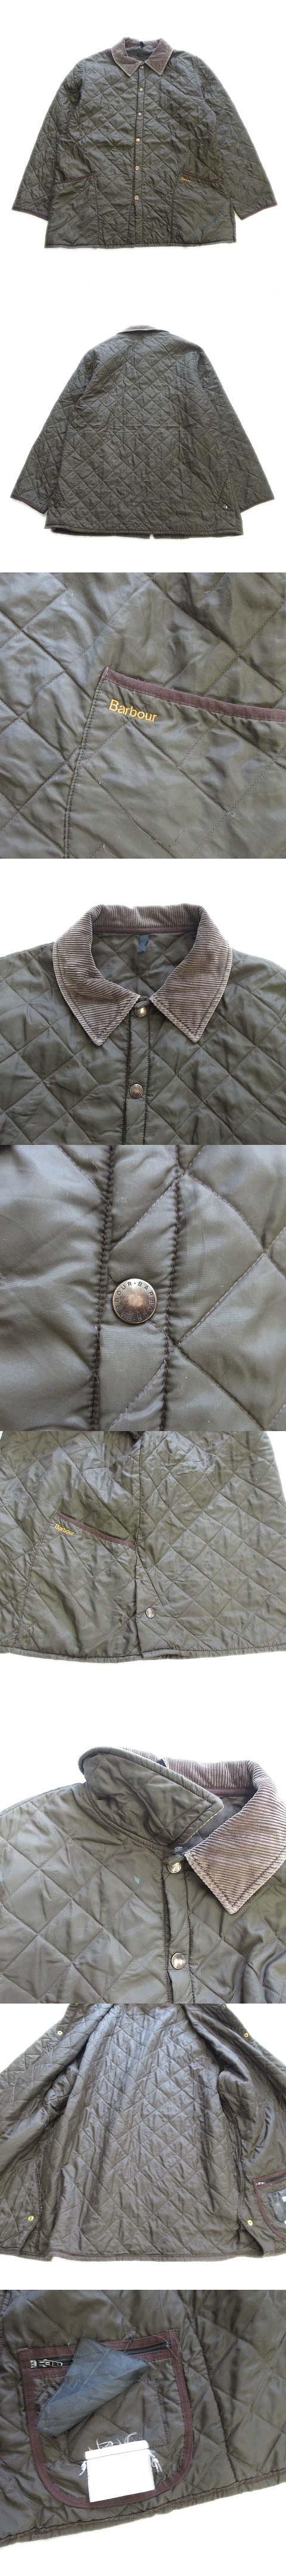 リッツデール LIDDES DALE キルティング コート ジャケット ブルゾン 襟コーデュロイ 中綿 オリーブ カーキ 緑 メンズ▽4※